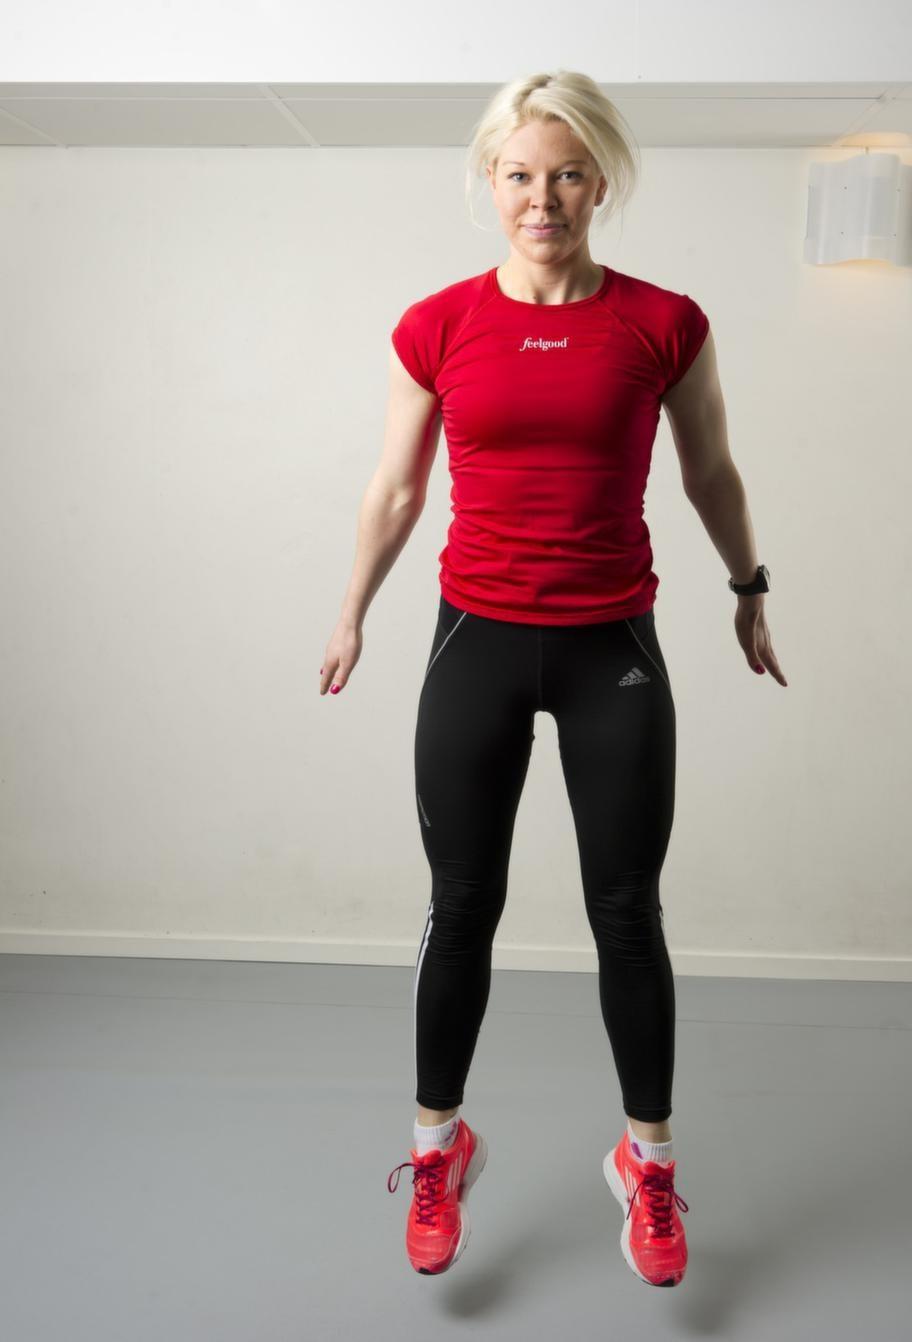 Set 1 Övning 1 UpphoppStå höftbrett isär med fötterna. Gör en djup  knäböj, och hoppa upp sedan upp med uppsträckta armar. Den som vill  lägga på mer belastning kan dra upp knäna i hoppet.Repetera 20 gånger.Lättare variant: Gör bara knäböj och hoppa över själva upphoppet.